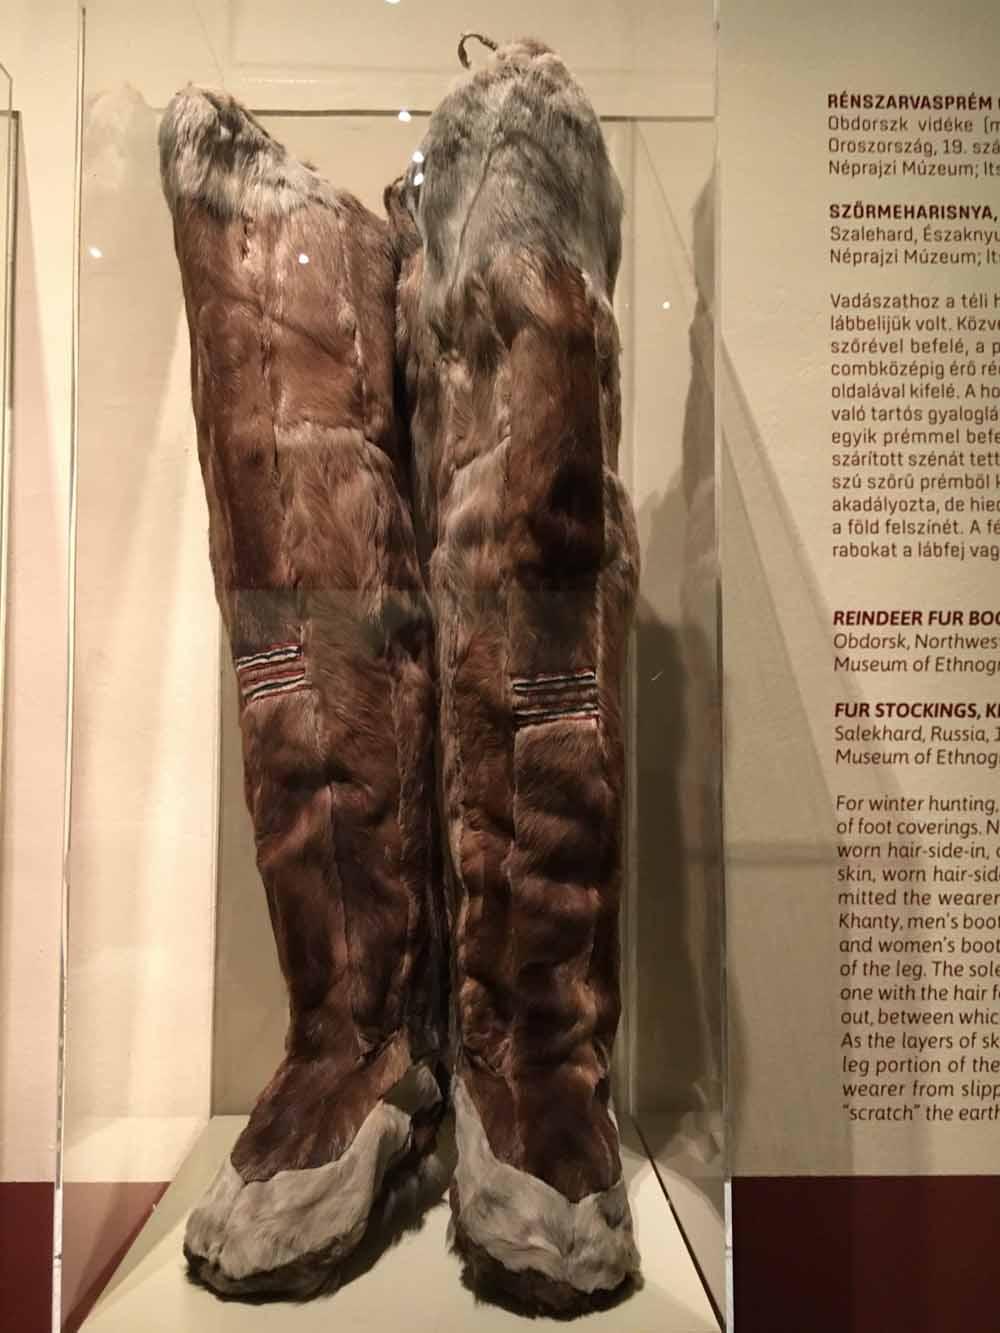 Vérbosszúcipő és halbőrből készült csizma